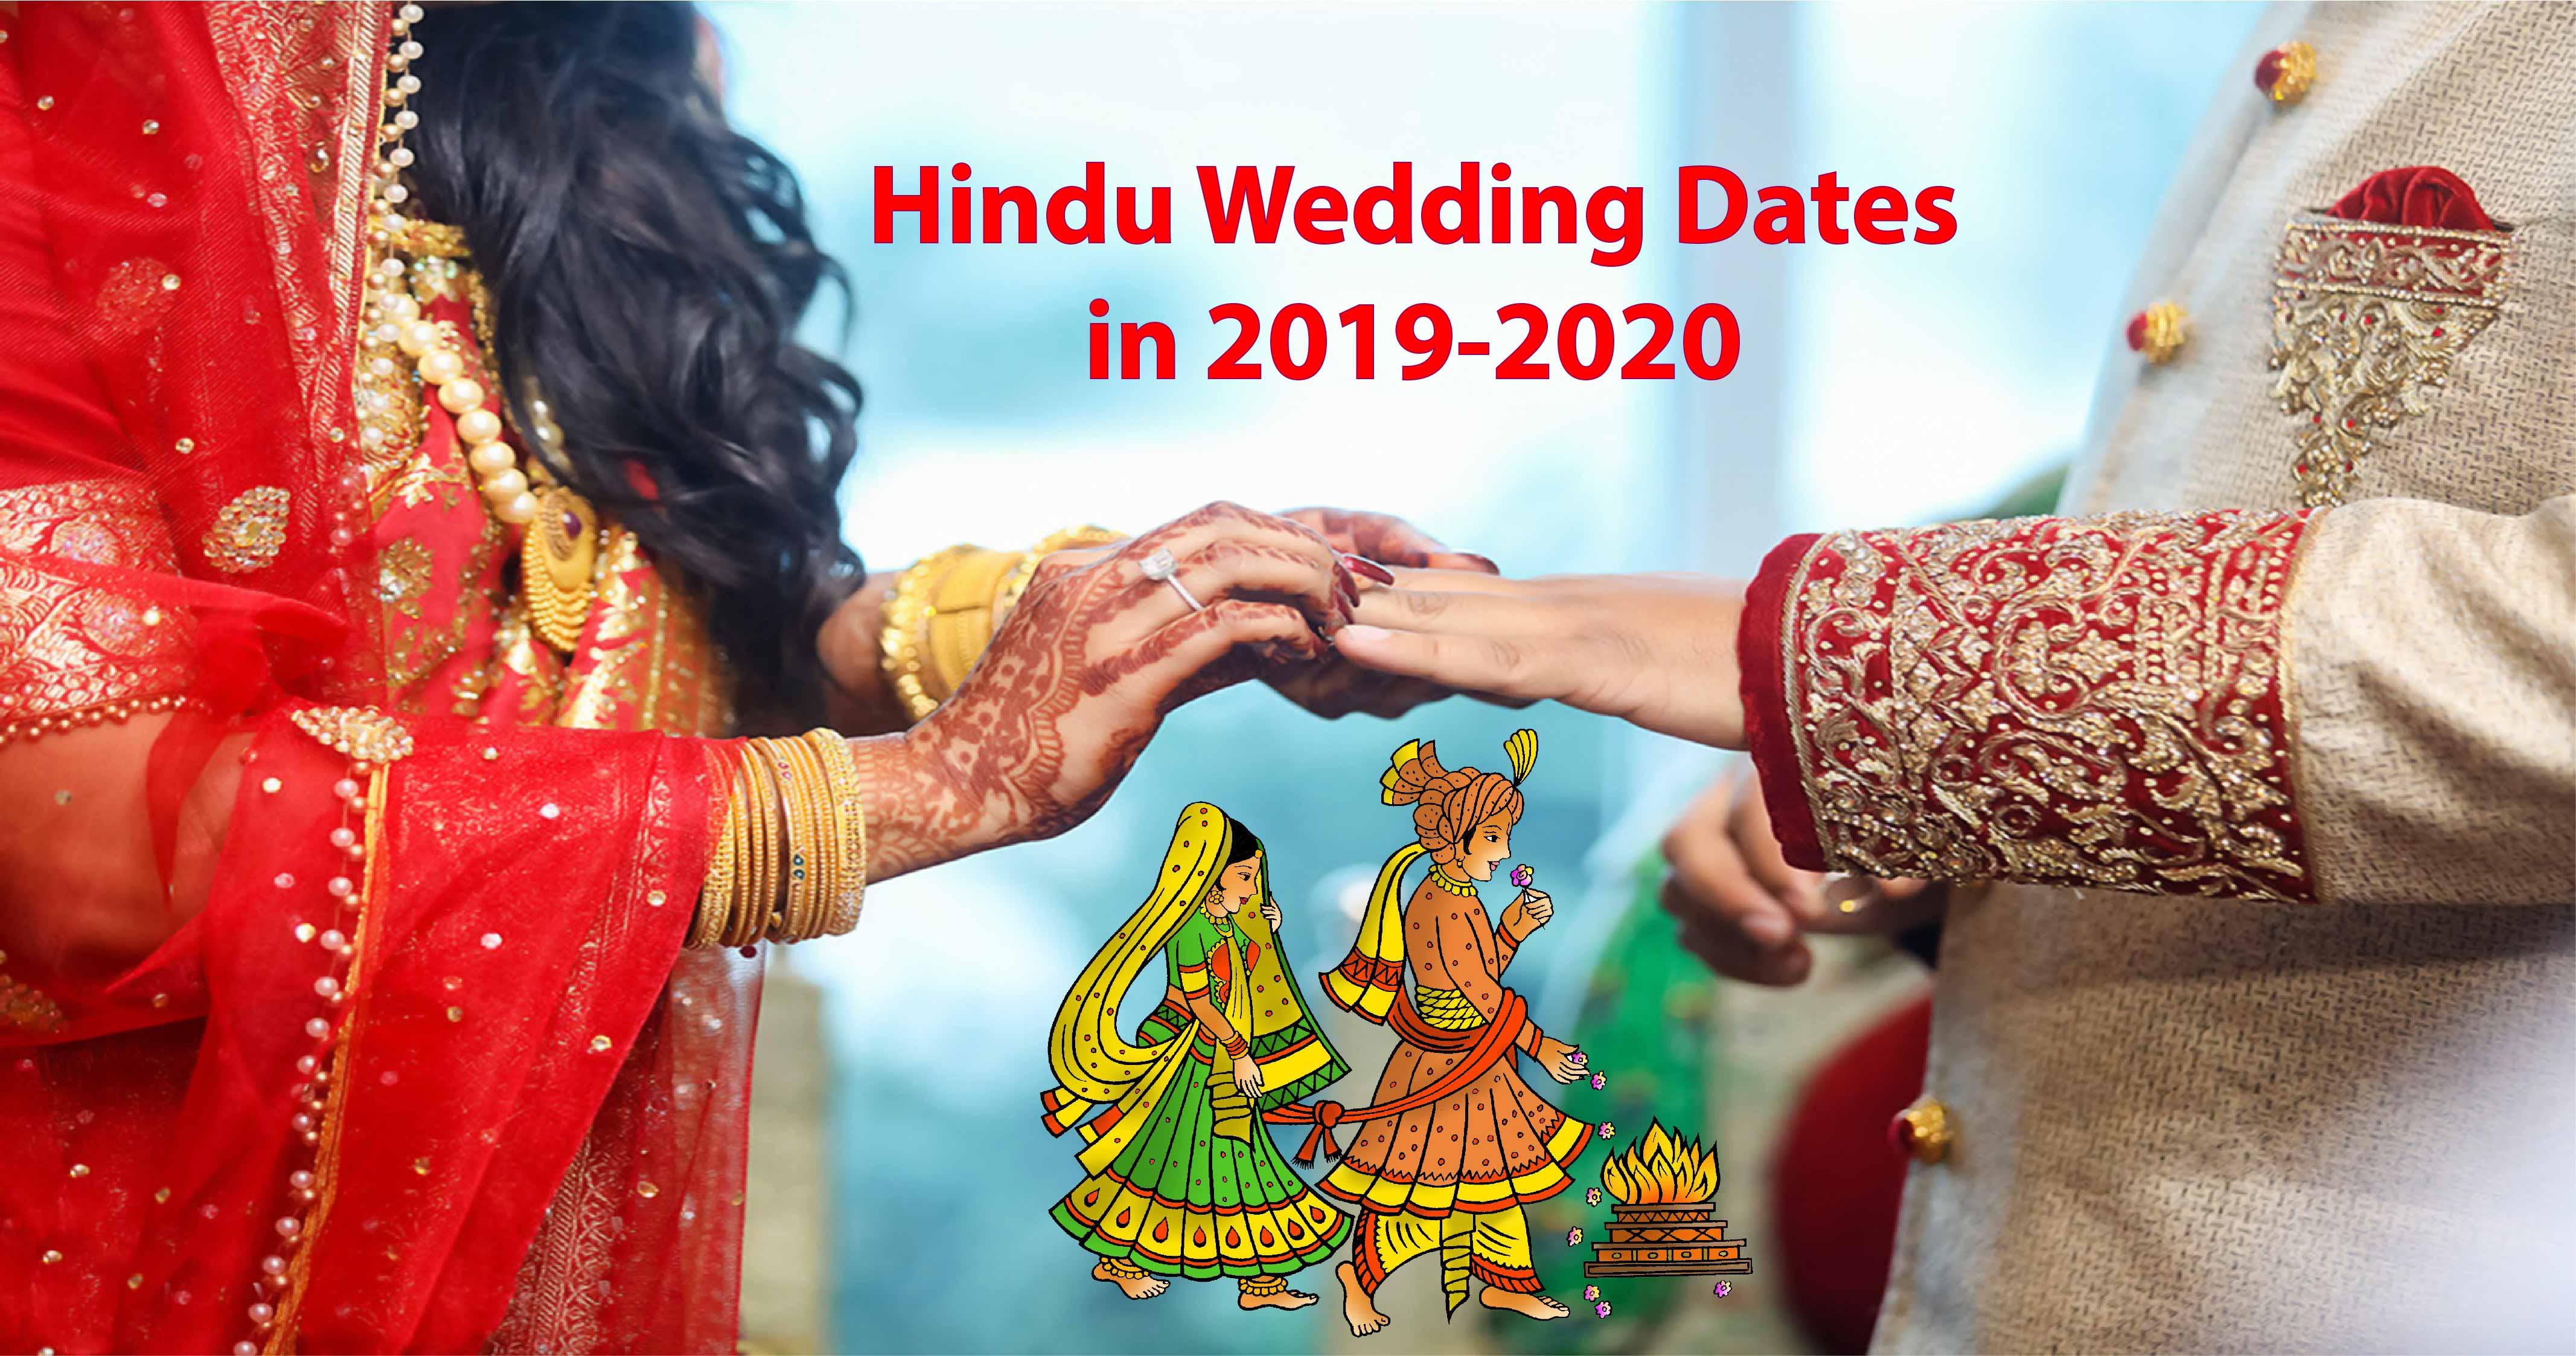 Shubh Vivah Muhurat - Hindu Wedding Dates in 2019-2020 - Ishwar Maharaj